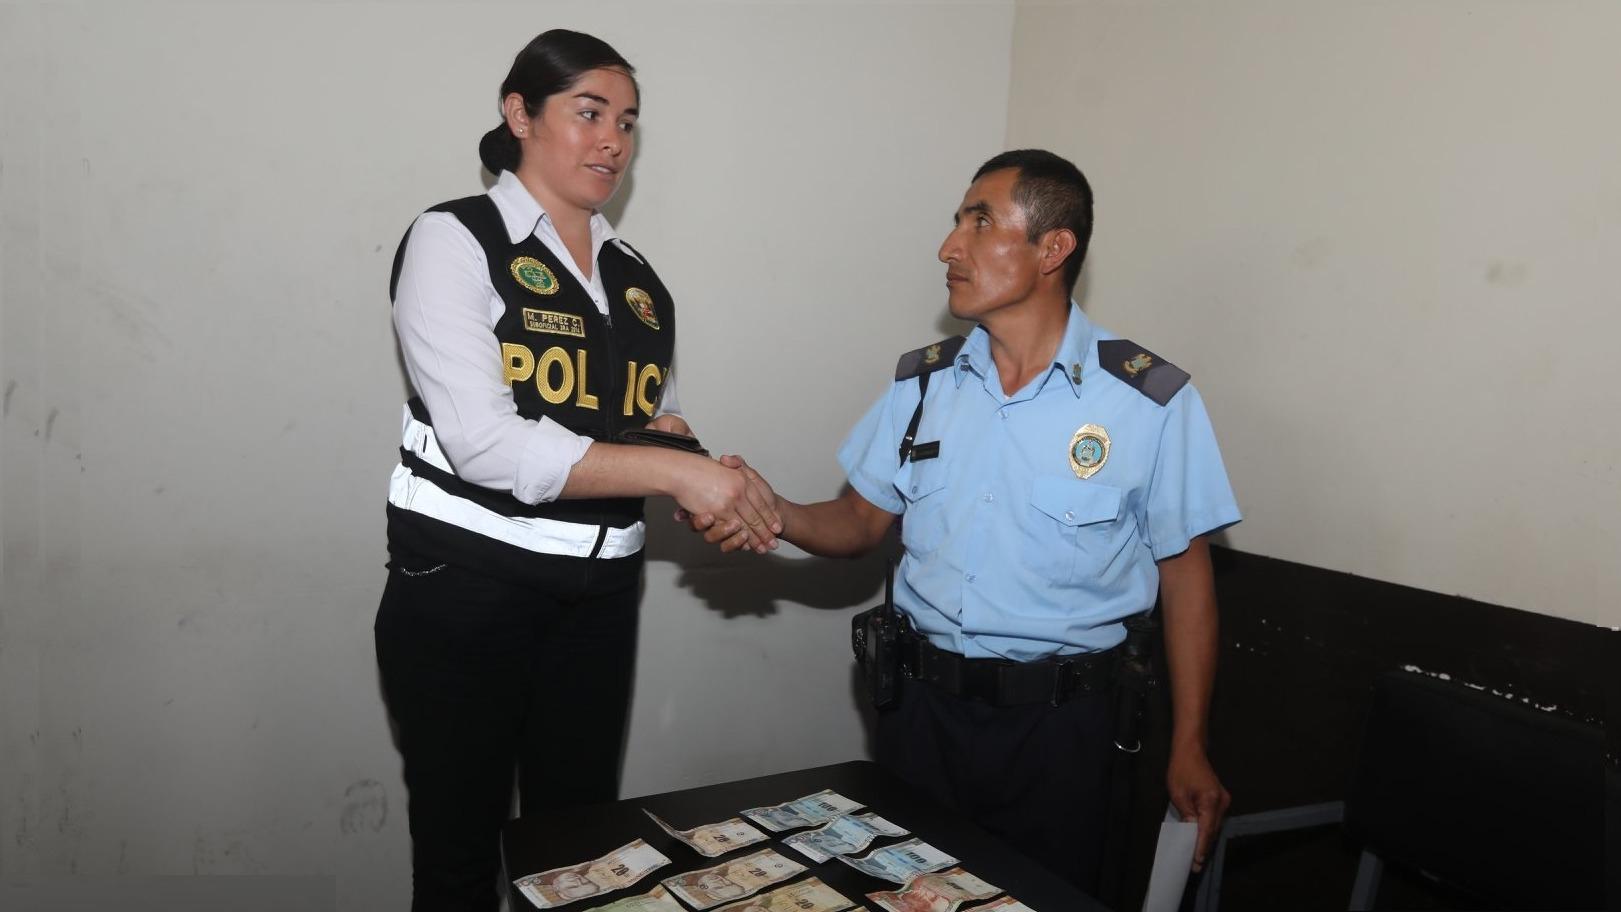 El agente pidió a la ciudadanía confiar en los efectivos municipales y los policías.